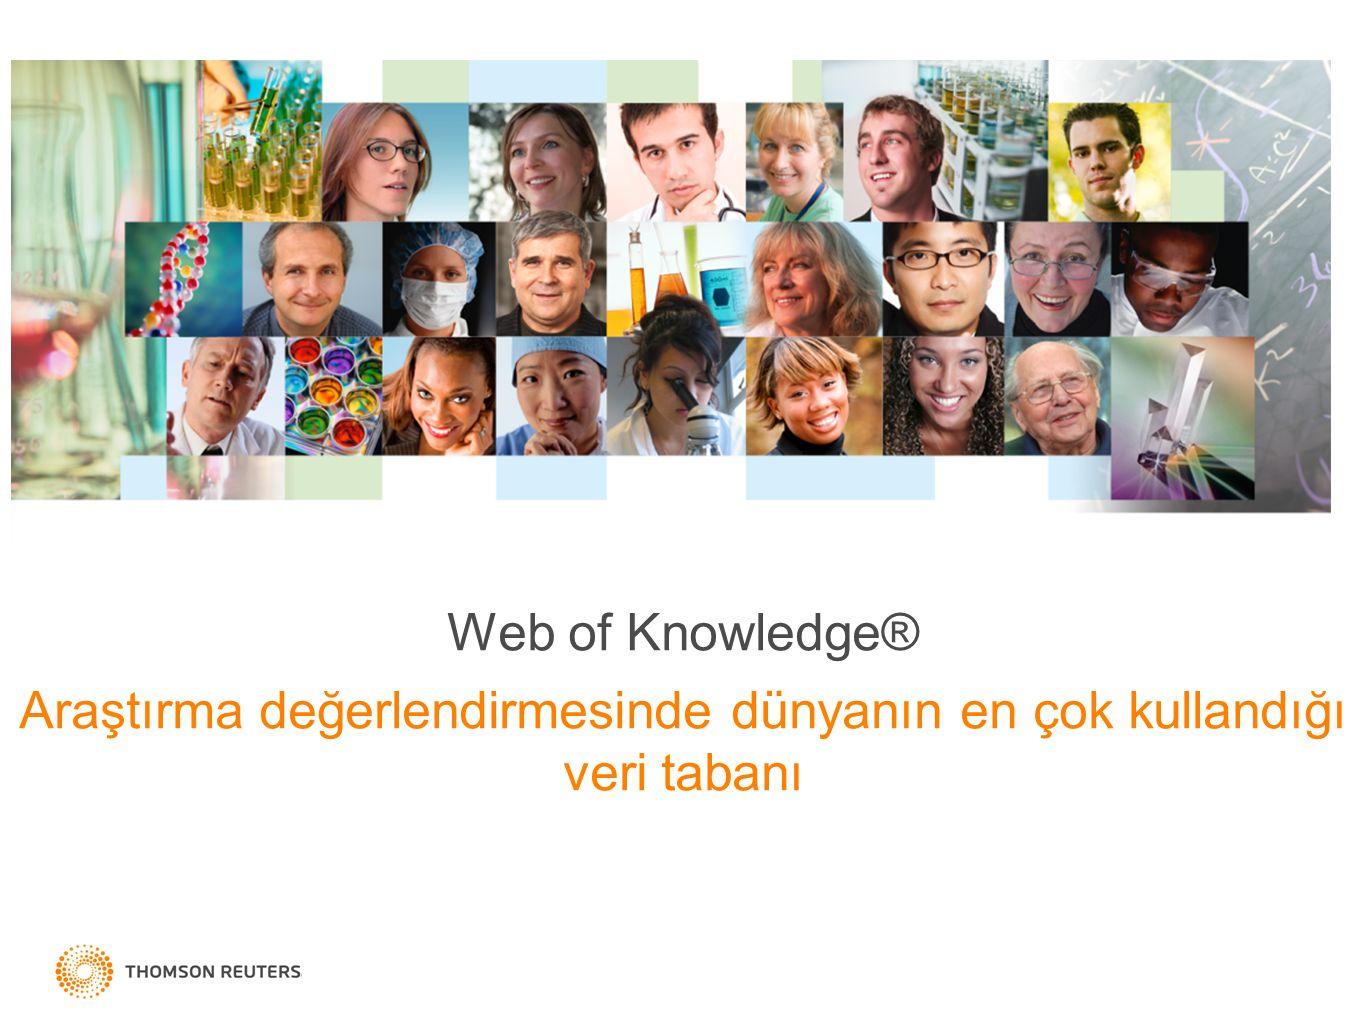 Web of Knowledge® Araştırma değerlendirmesinde dünyanın en çok kullandığı veri tabanı